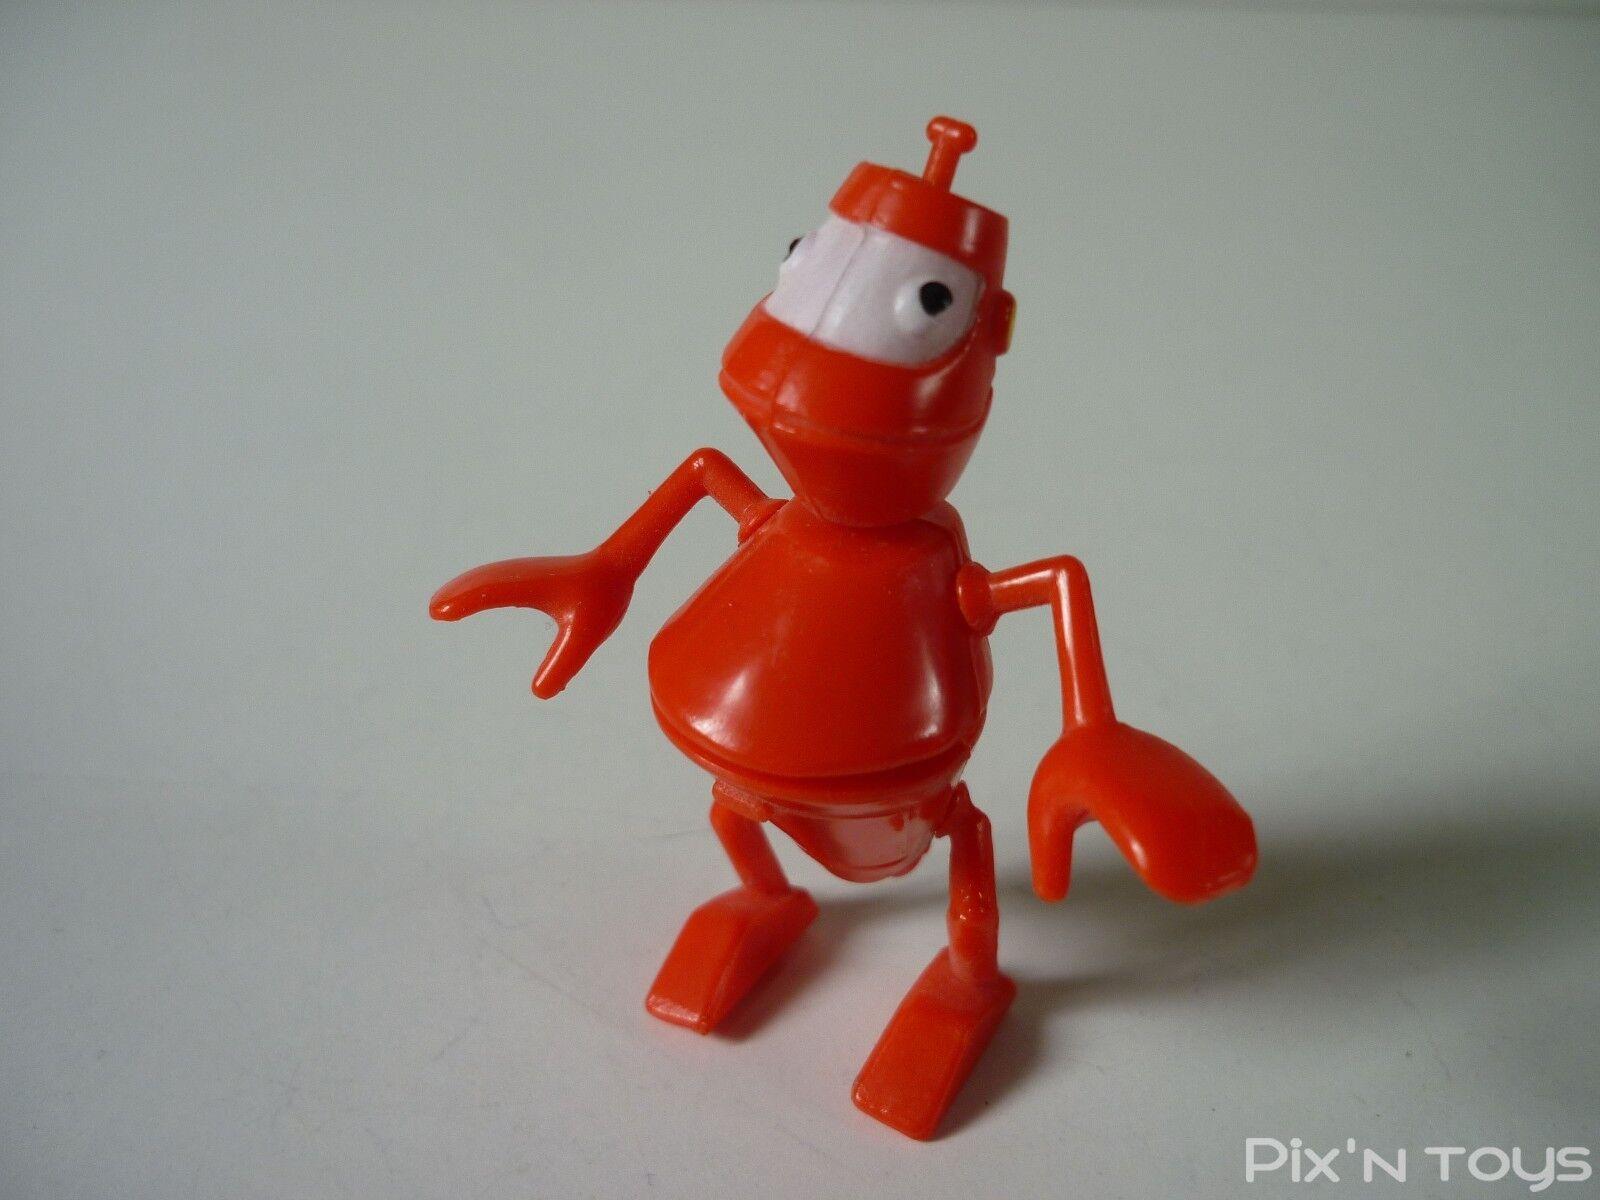 Figurine Nono Ulysses 31 ( 6 cm ) / / / POPY DIC-TMS Made in Macau 9520f5